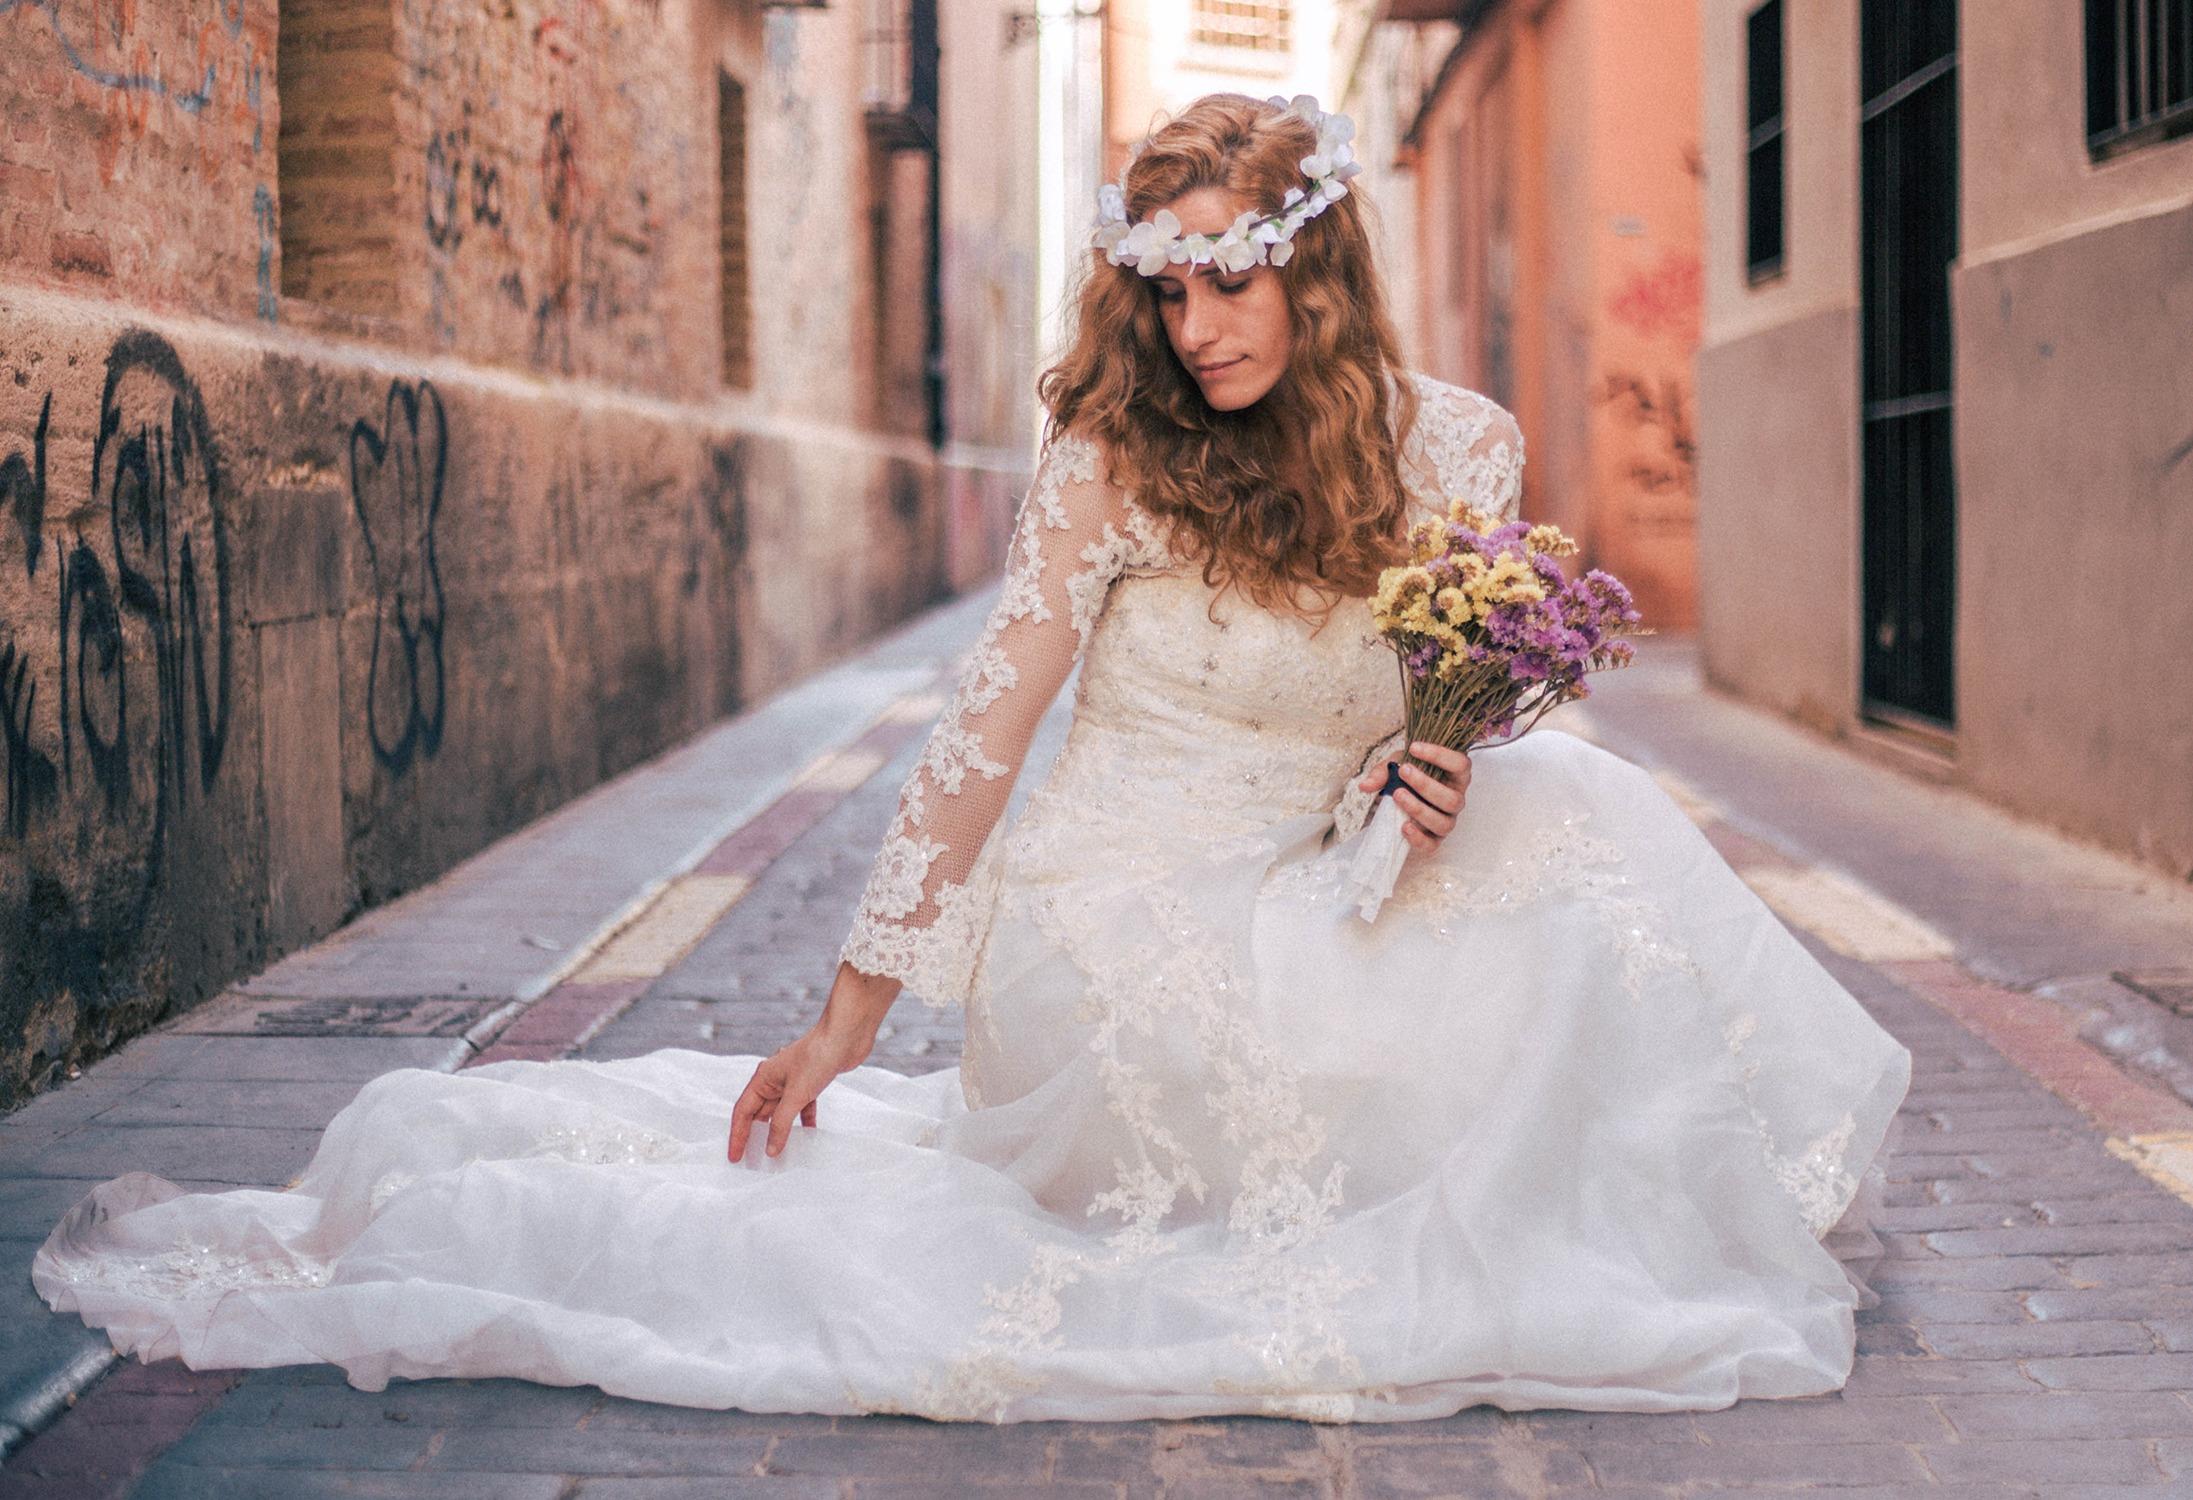 fotografo-de-bodas-valencia-ibiza-alicante-castellon-marbella-madrid-barcelona 119